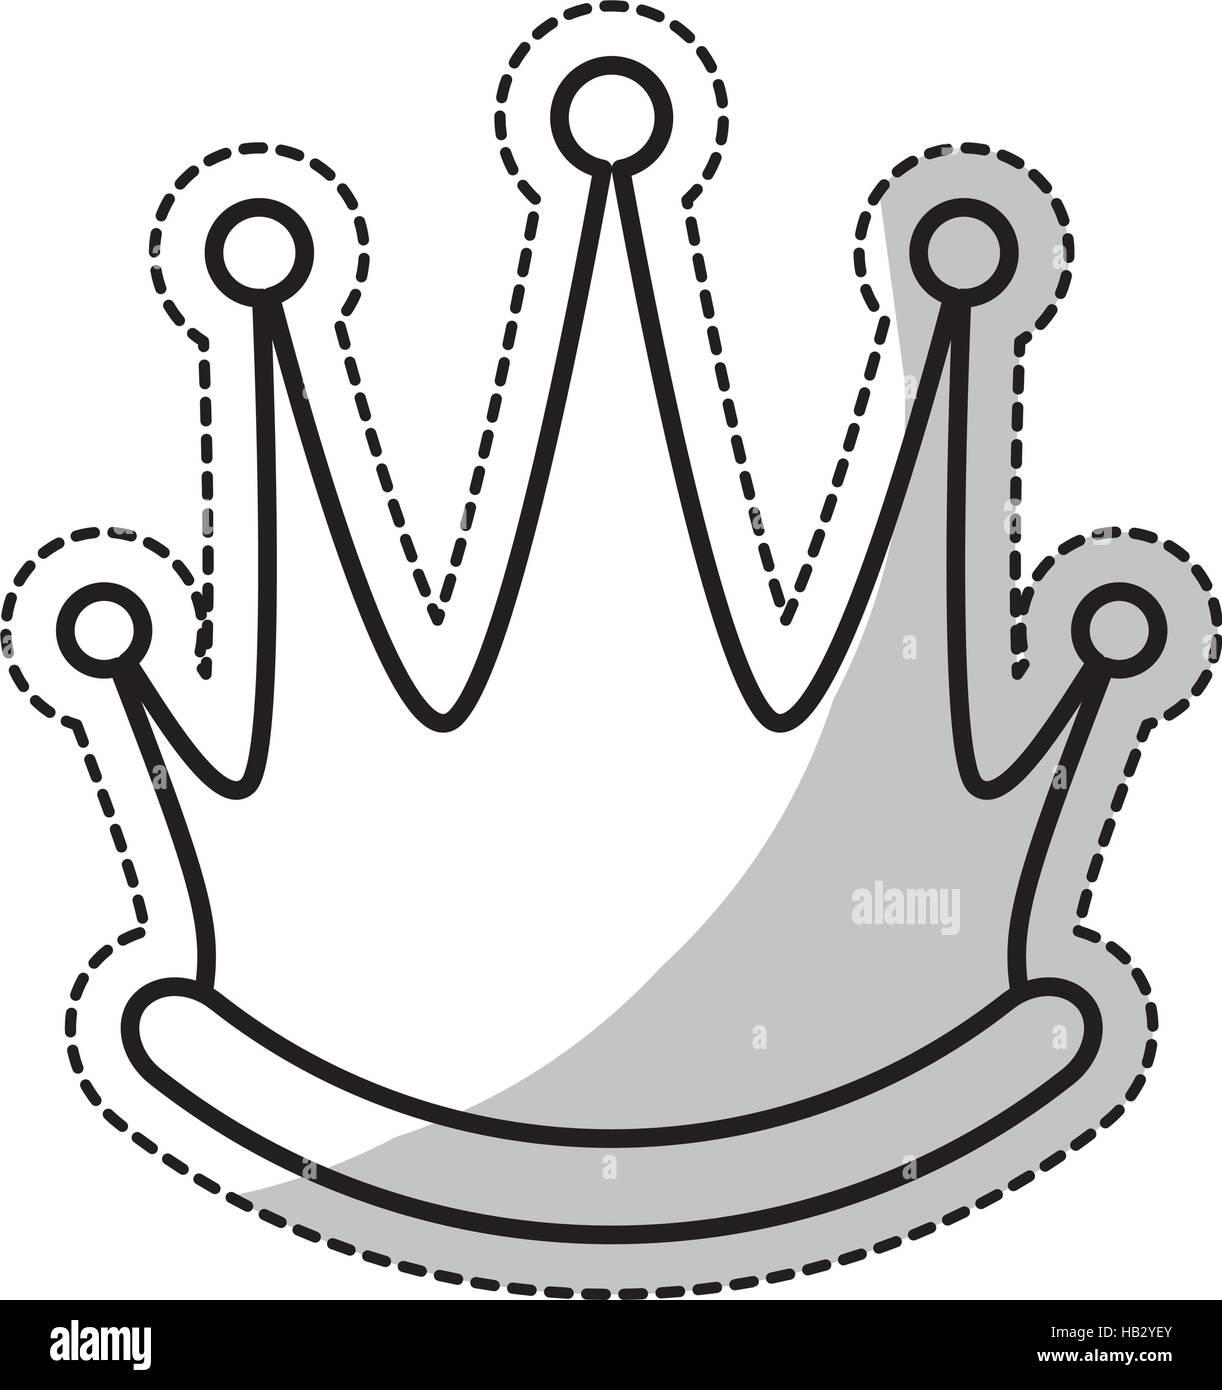 Queen Sign Emperor King Icon Stock Photos & Queen Sign Emperor King ...